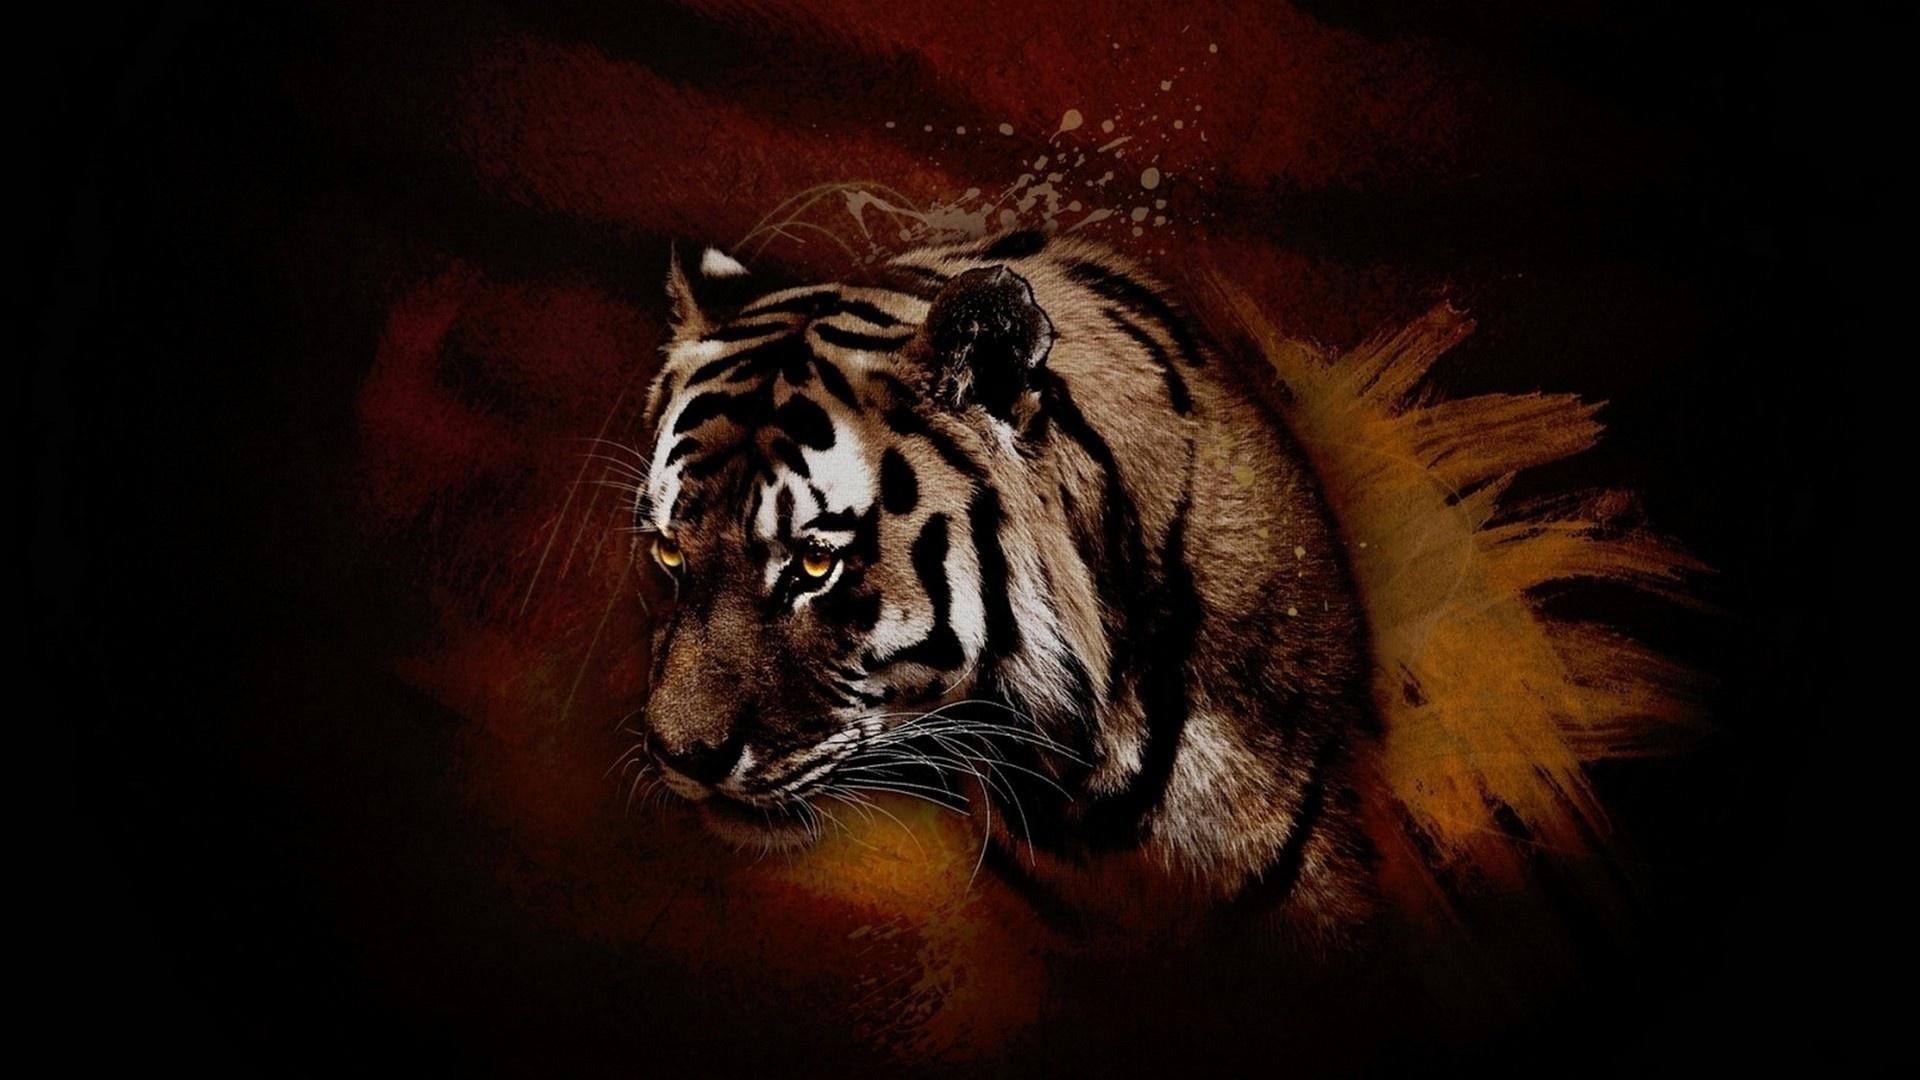 обои кошка, тигр, хищник, полосатый картинки фото